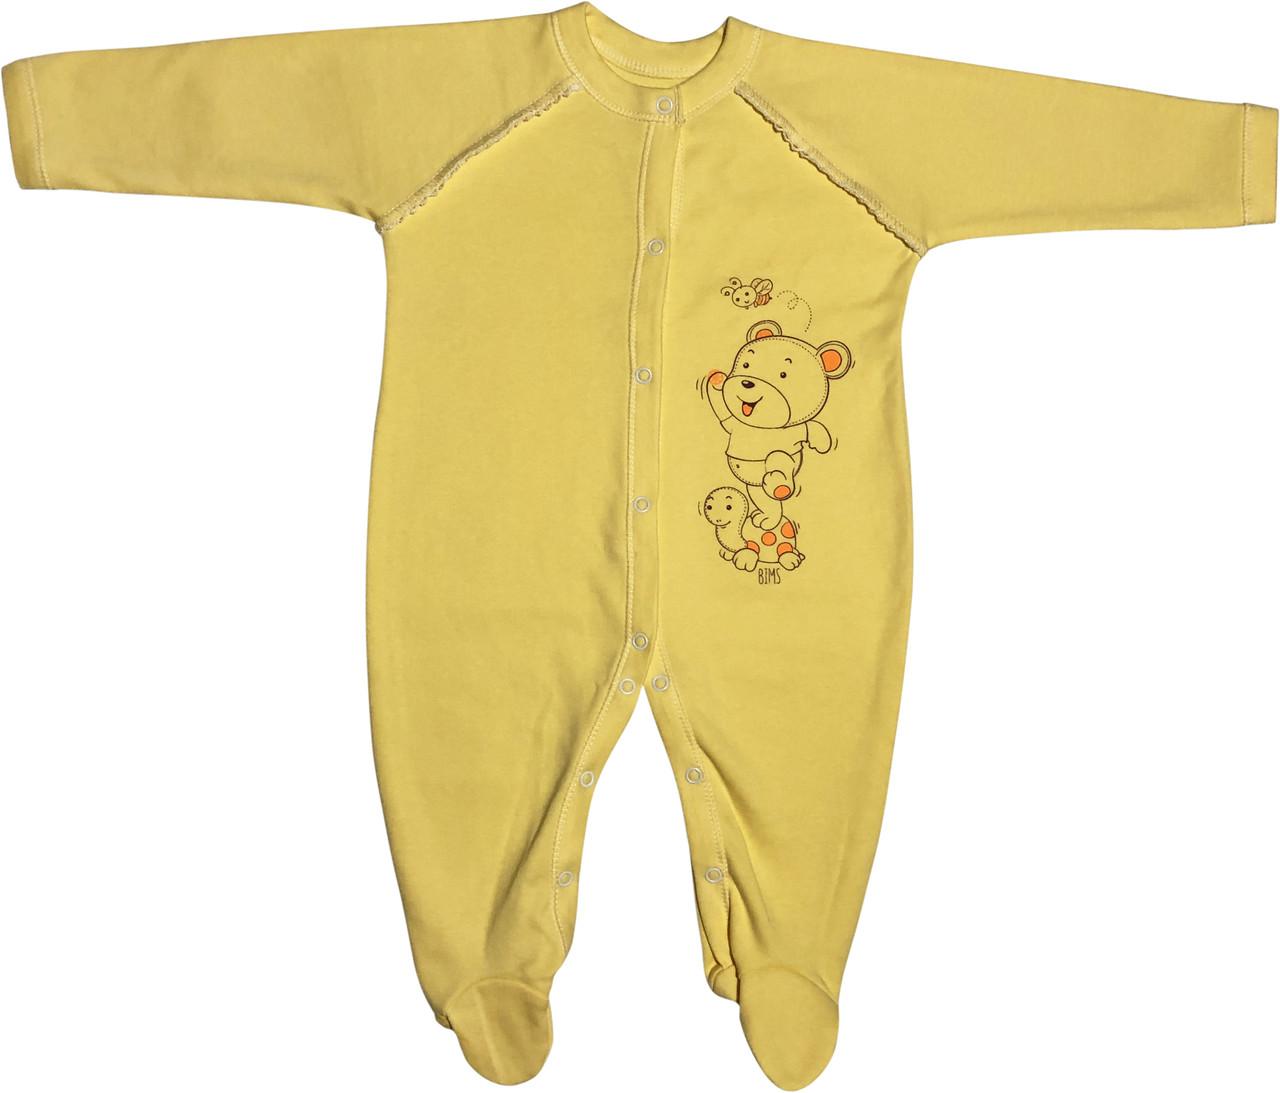 Теплий чоловічок з начосом для новонароджених зріст 86 1-1,5 року на хлопчика дівчинку сліп трикотажний жовтий